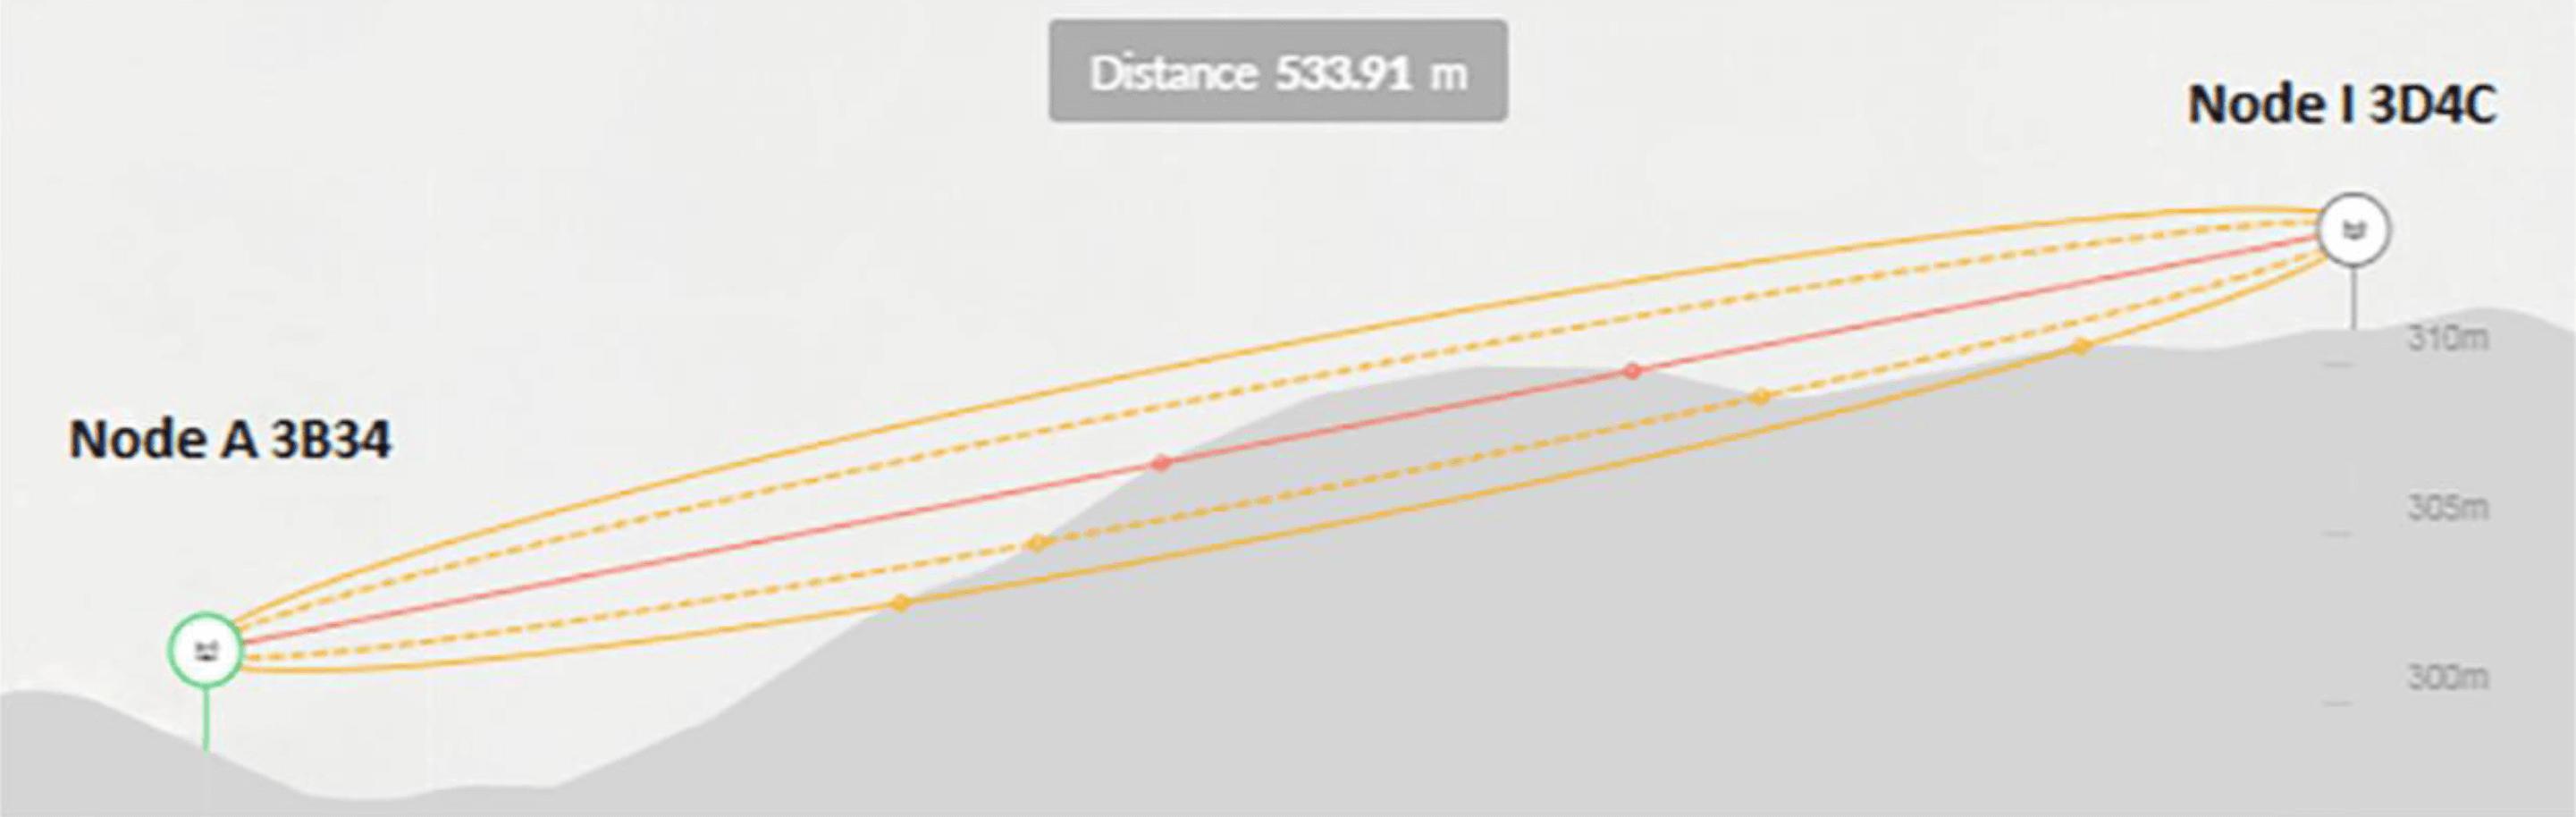 node map 1